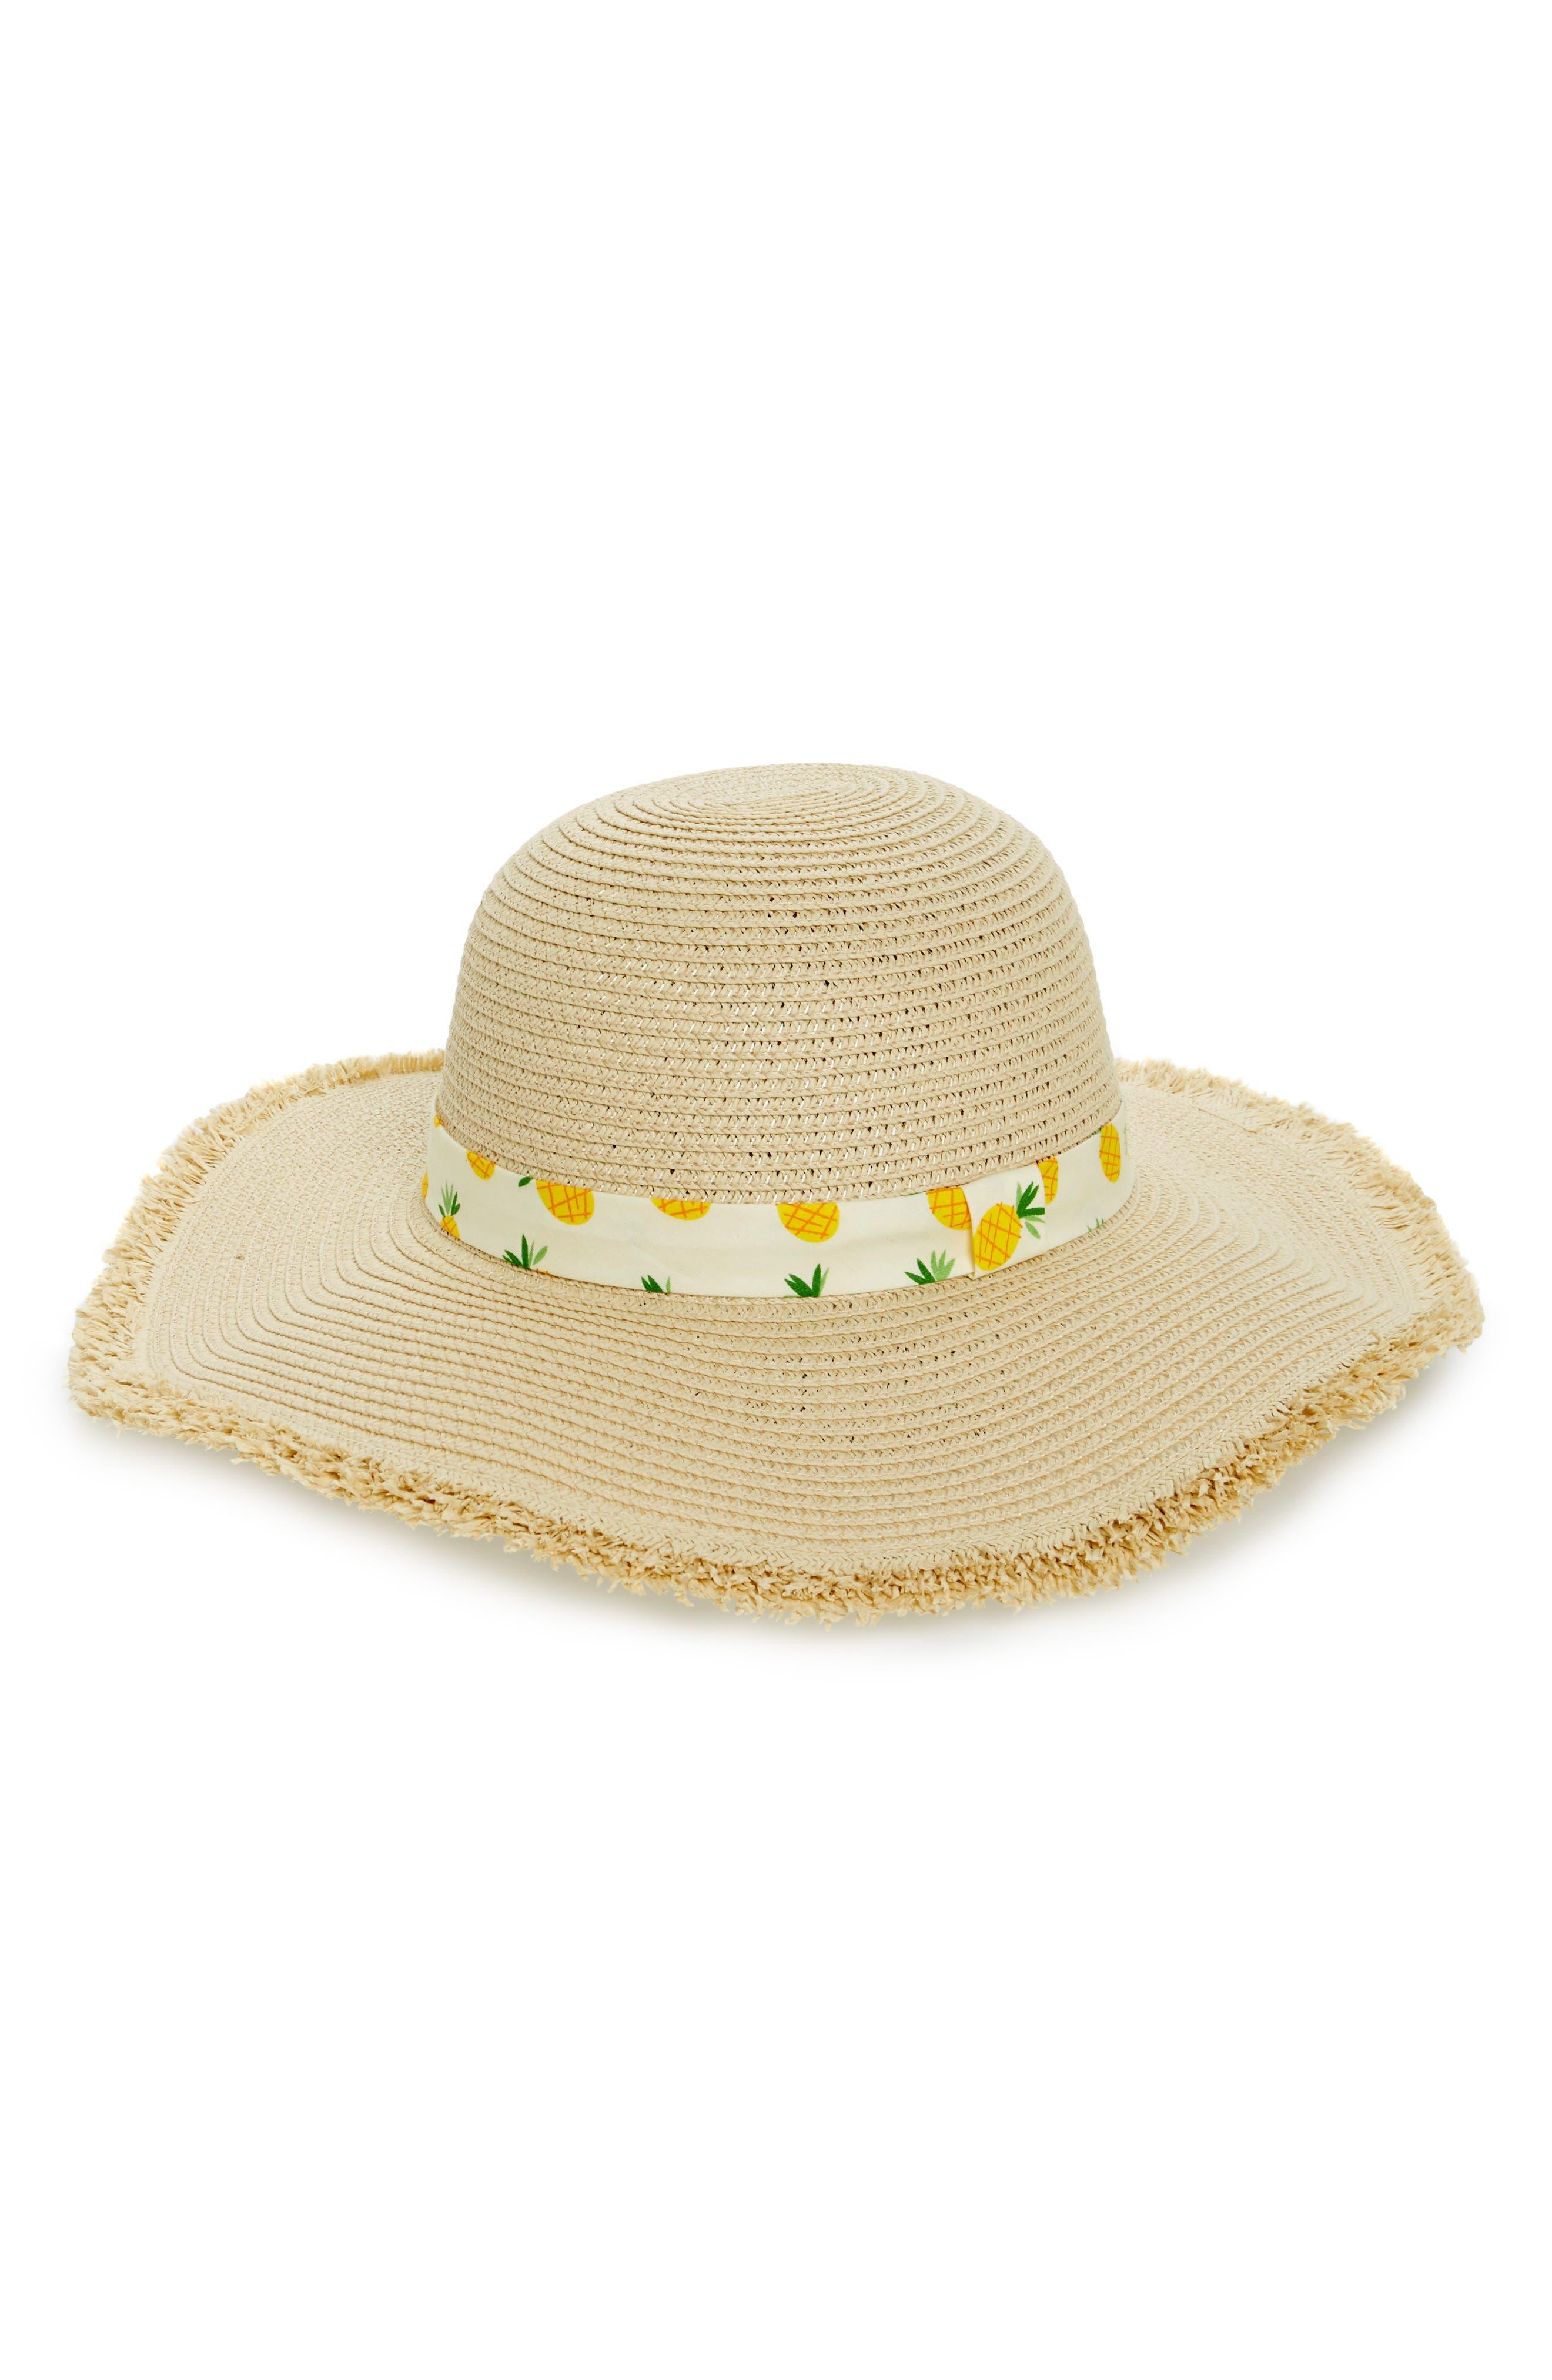 Main Image - BP. Novelty Band Floppy Straw Hat